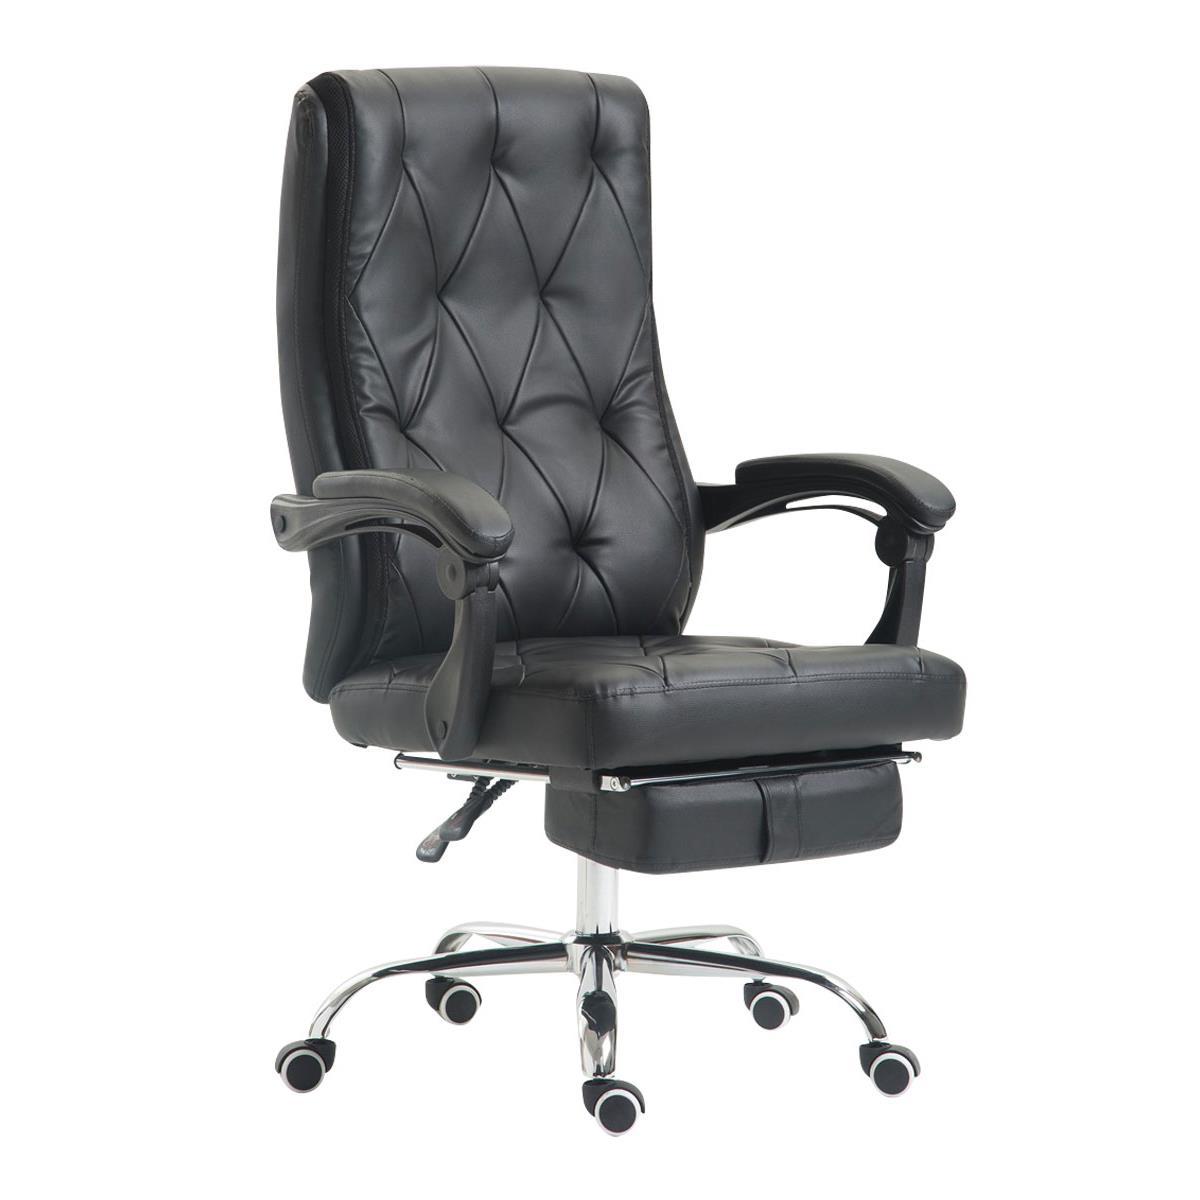 Poltrona ufficio benety stile chester con poggiapiedi - Poggiapiedi ufficio ...